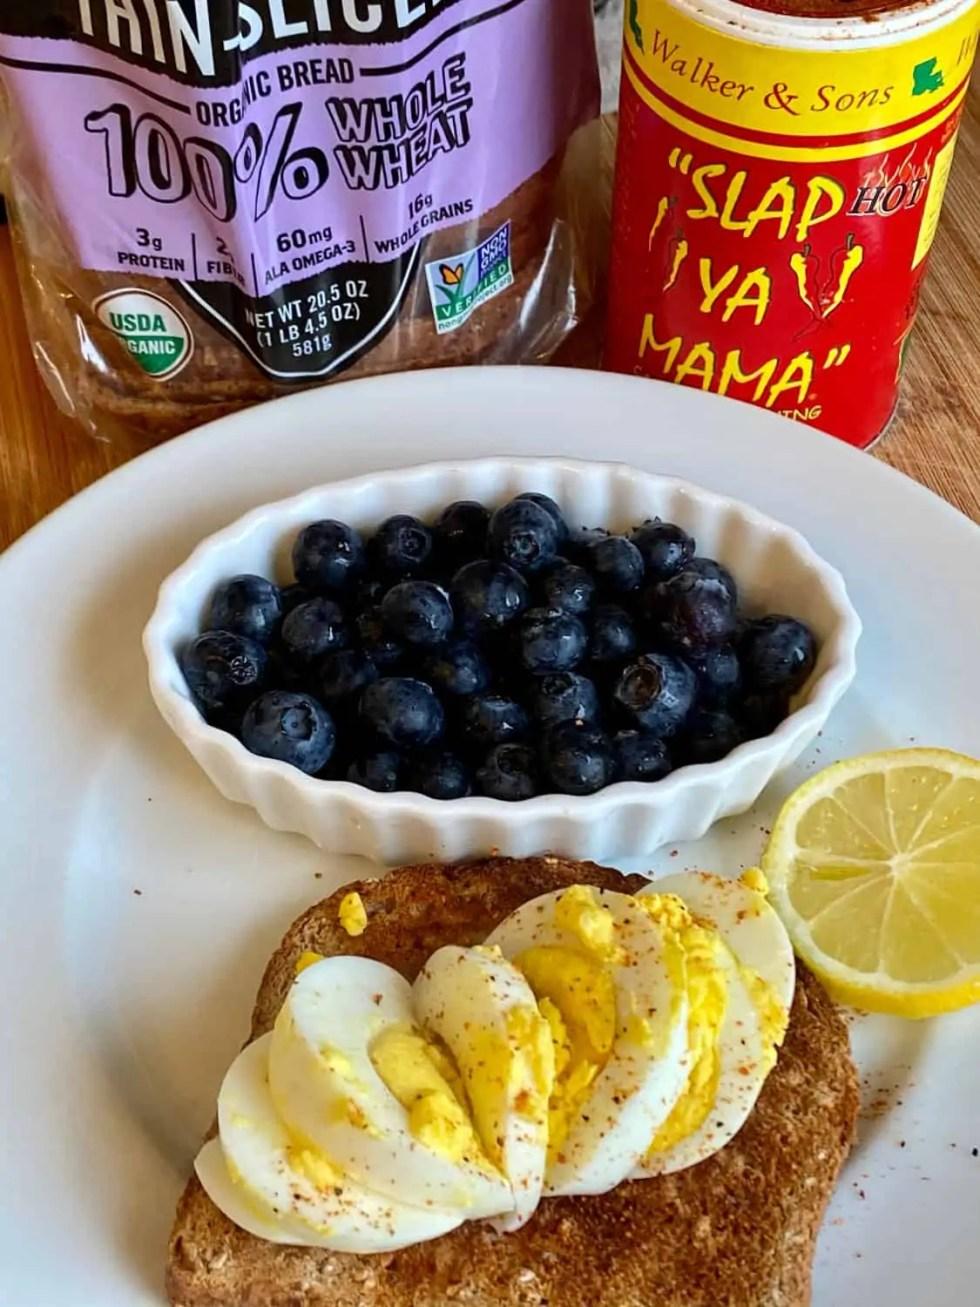 Weight Watcher's 3 point breakfast